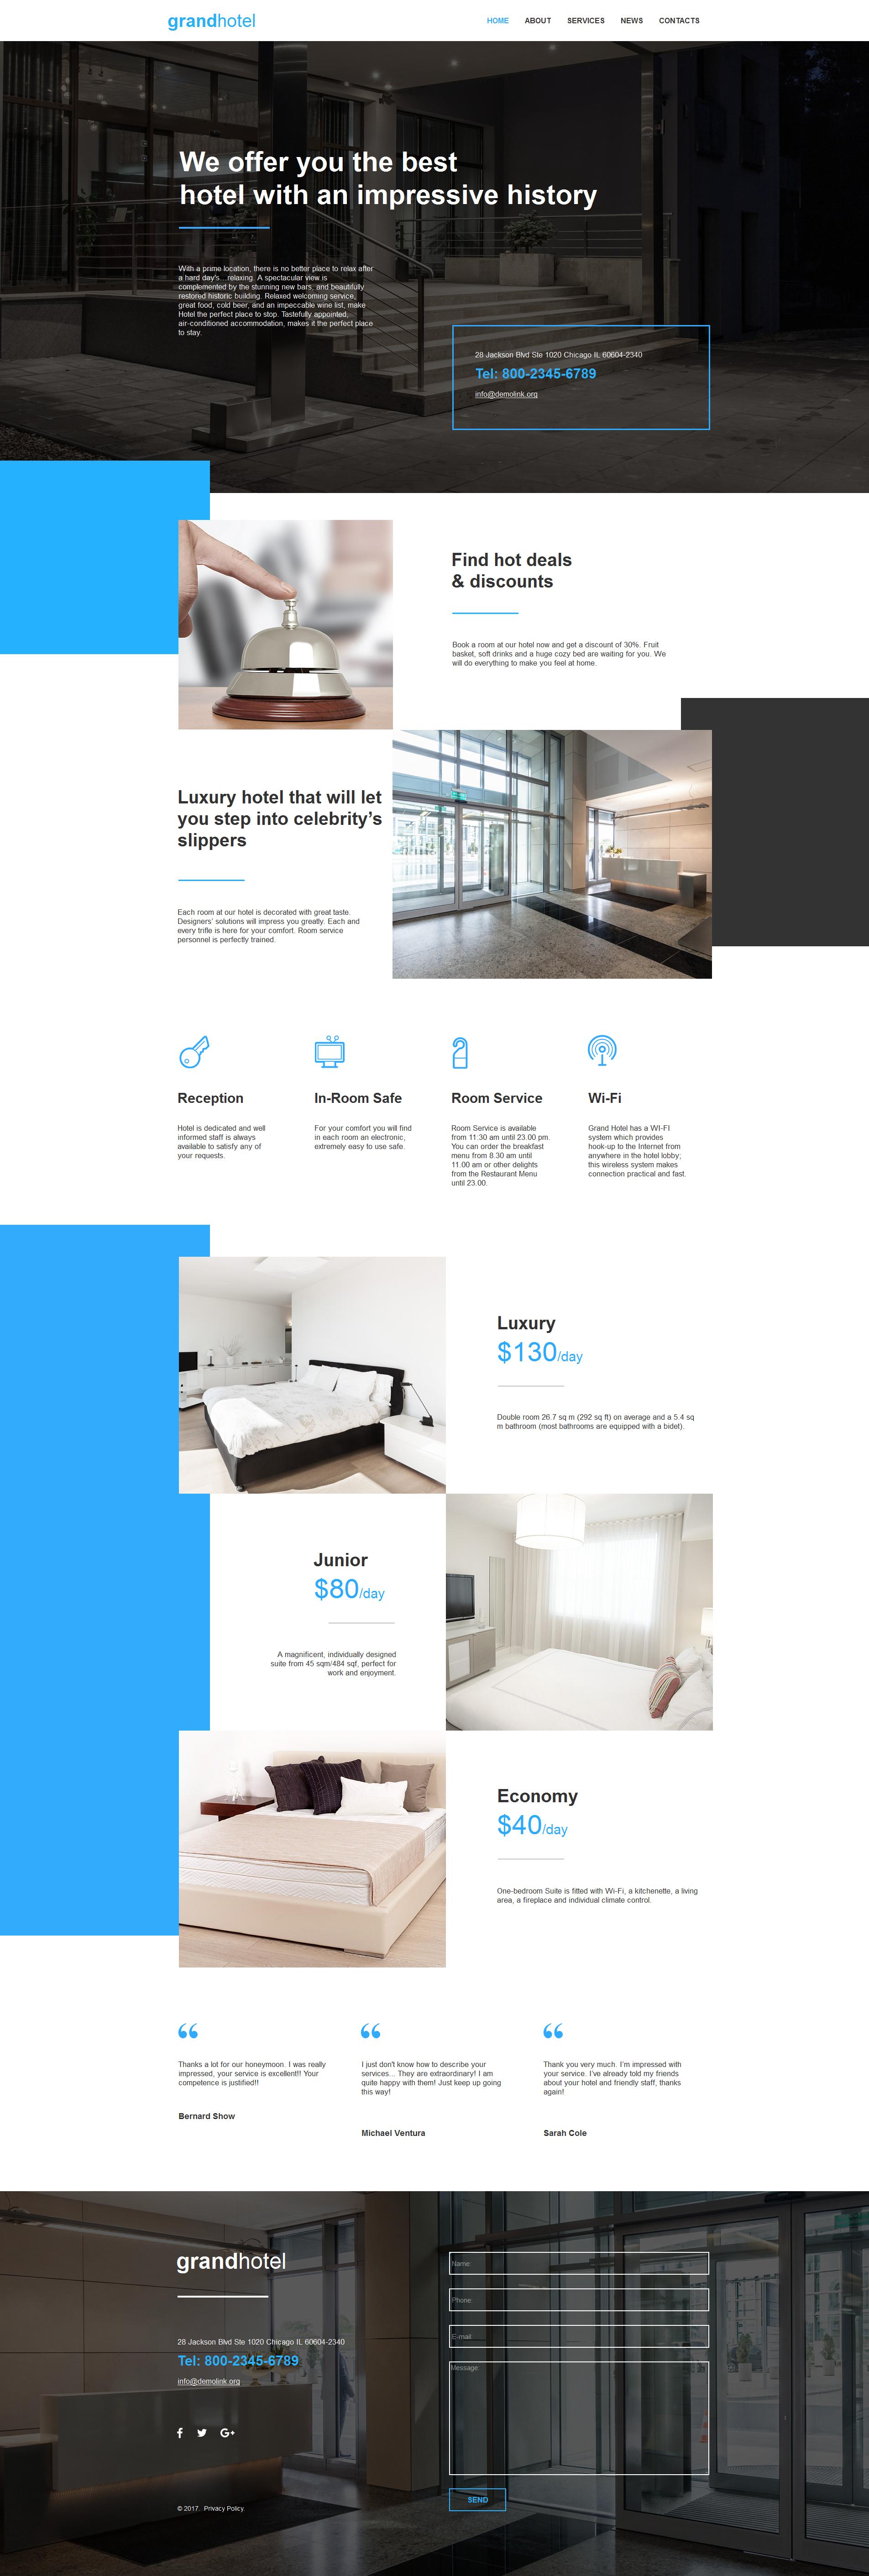 Modèle Moto CMS HTML Premium pour site d'hôtel #59302